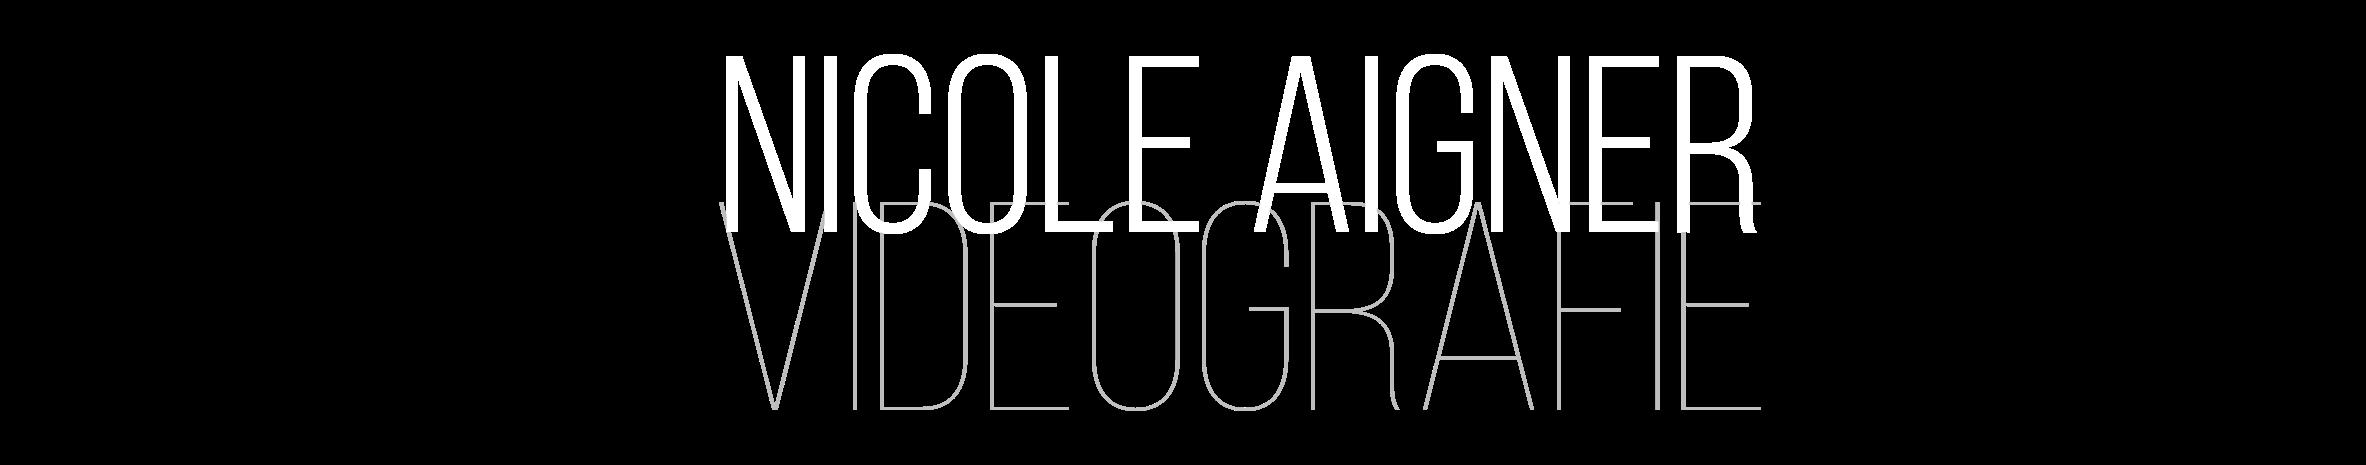 Nicole Aigner Videografie